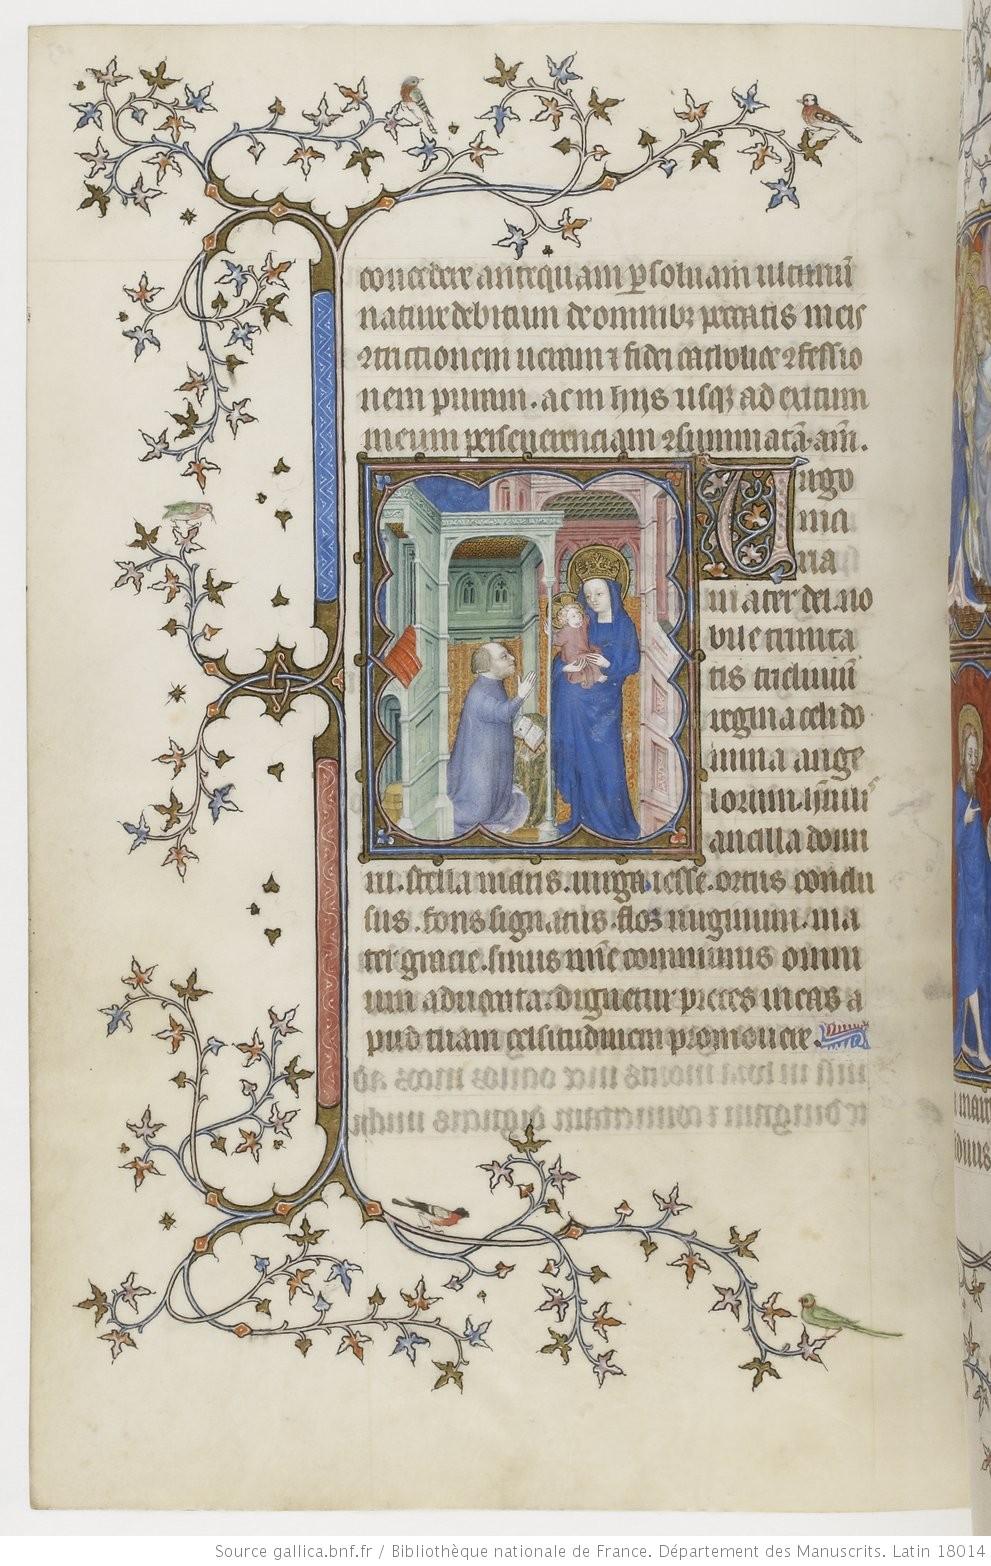 1385-90 Jean de Berry devant la Vierge à l'Enfant Petites heures de Jean de Berry, Gallica MS 18014 fol 103v